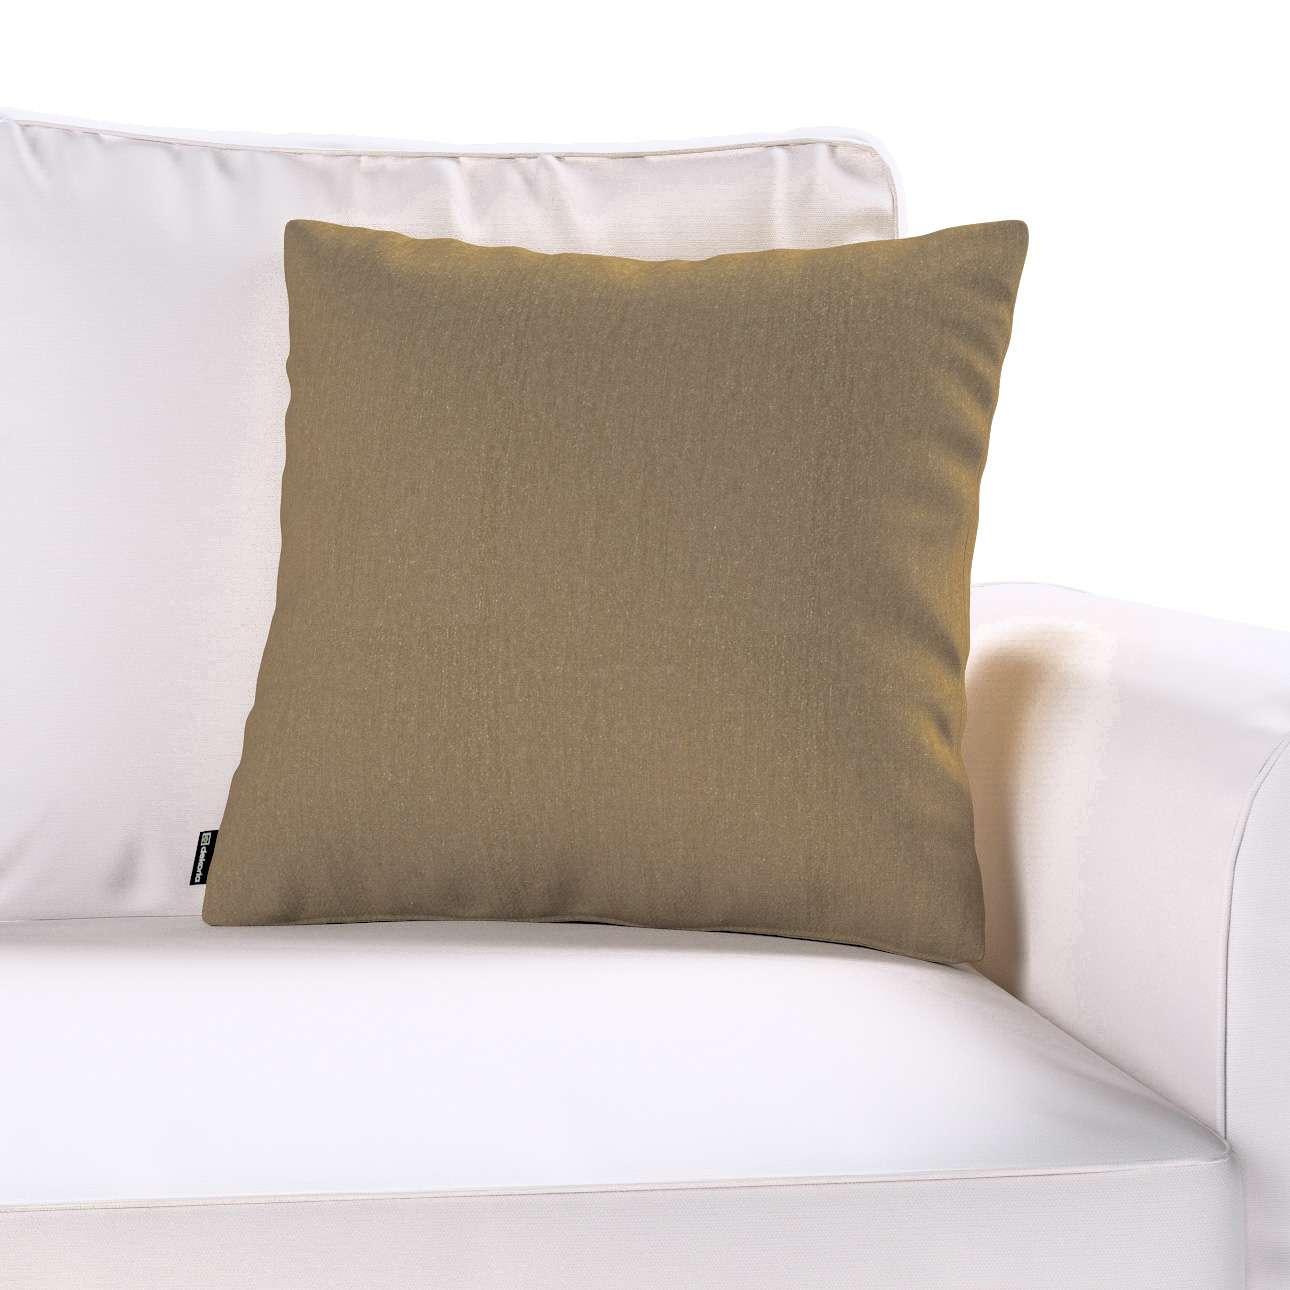 Kinga dekoratyvinės pagalvėlės užvalkalas 43 x 43 cm kolekcijoje Chenille, audinys: 702-21